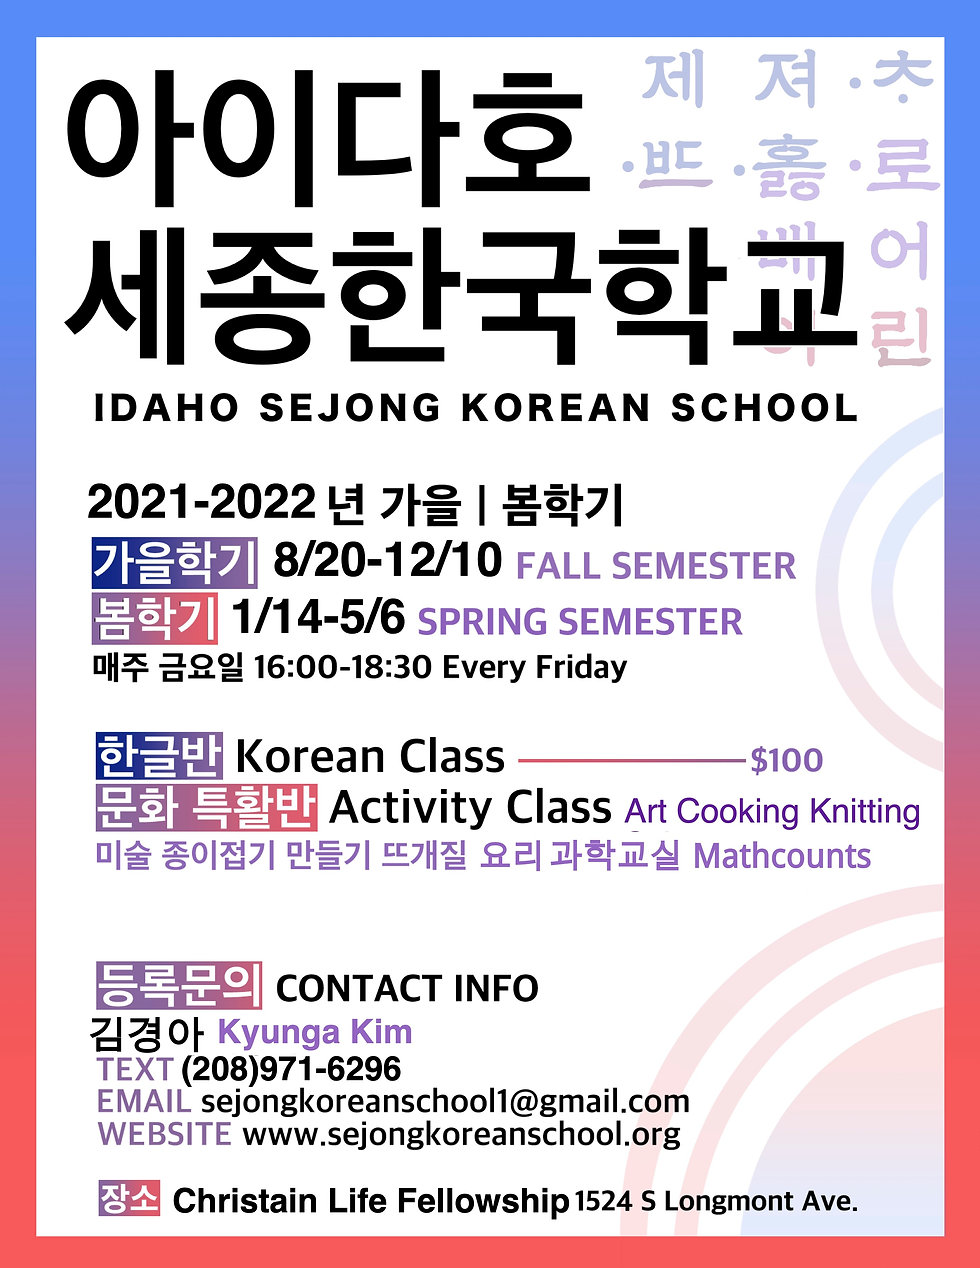 2021-2022 한글학교 포스터.jpg